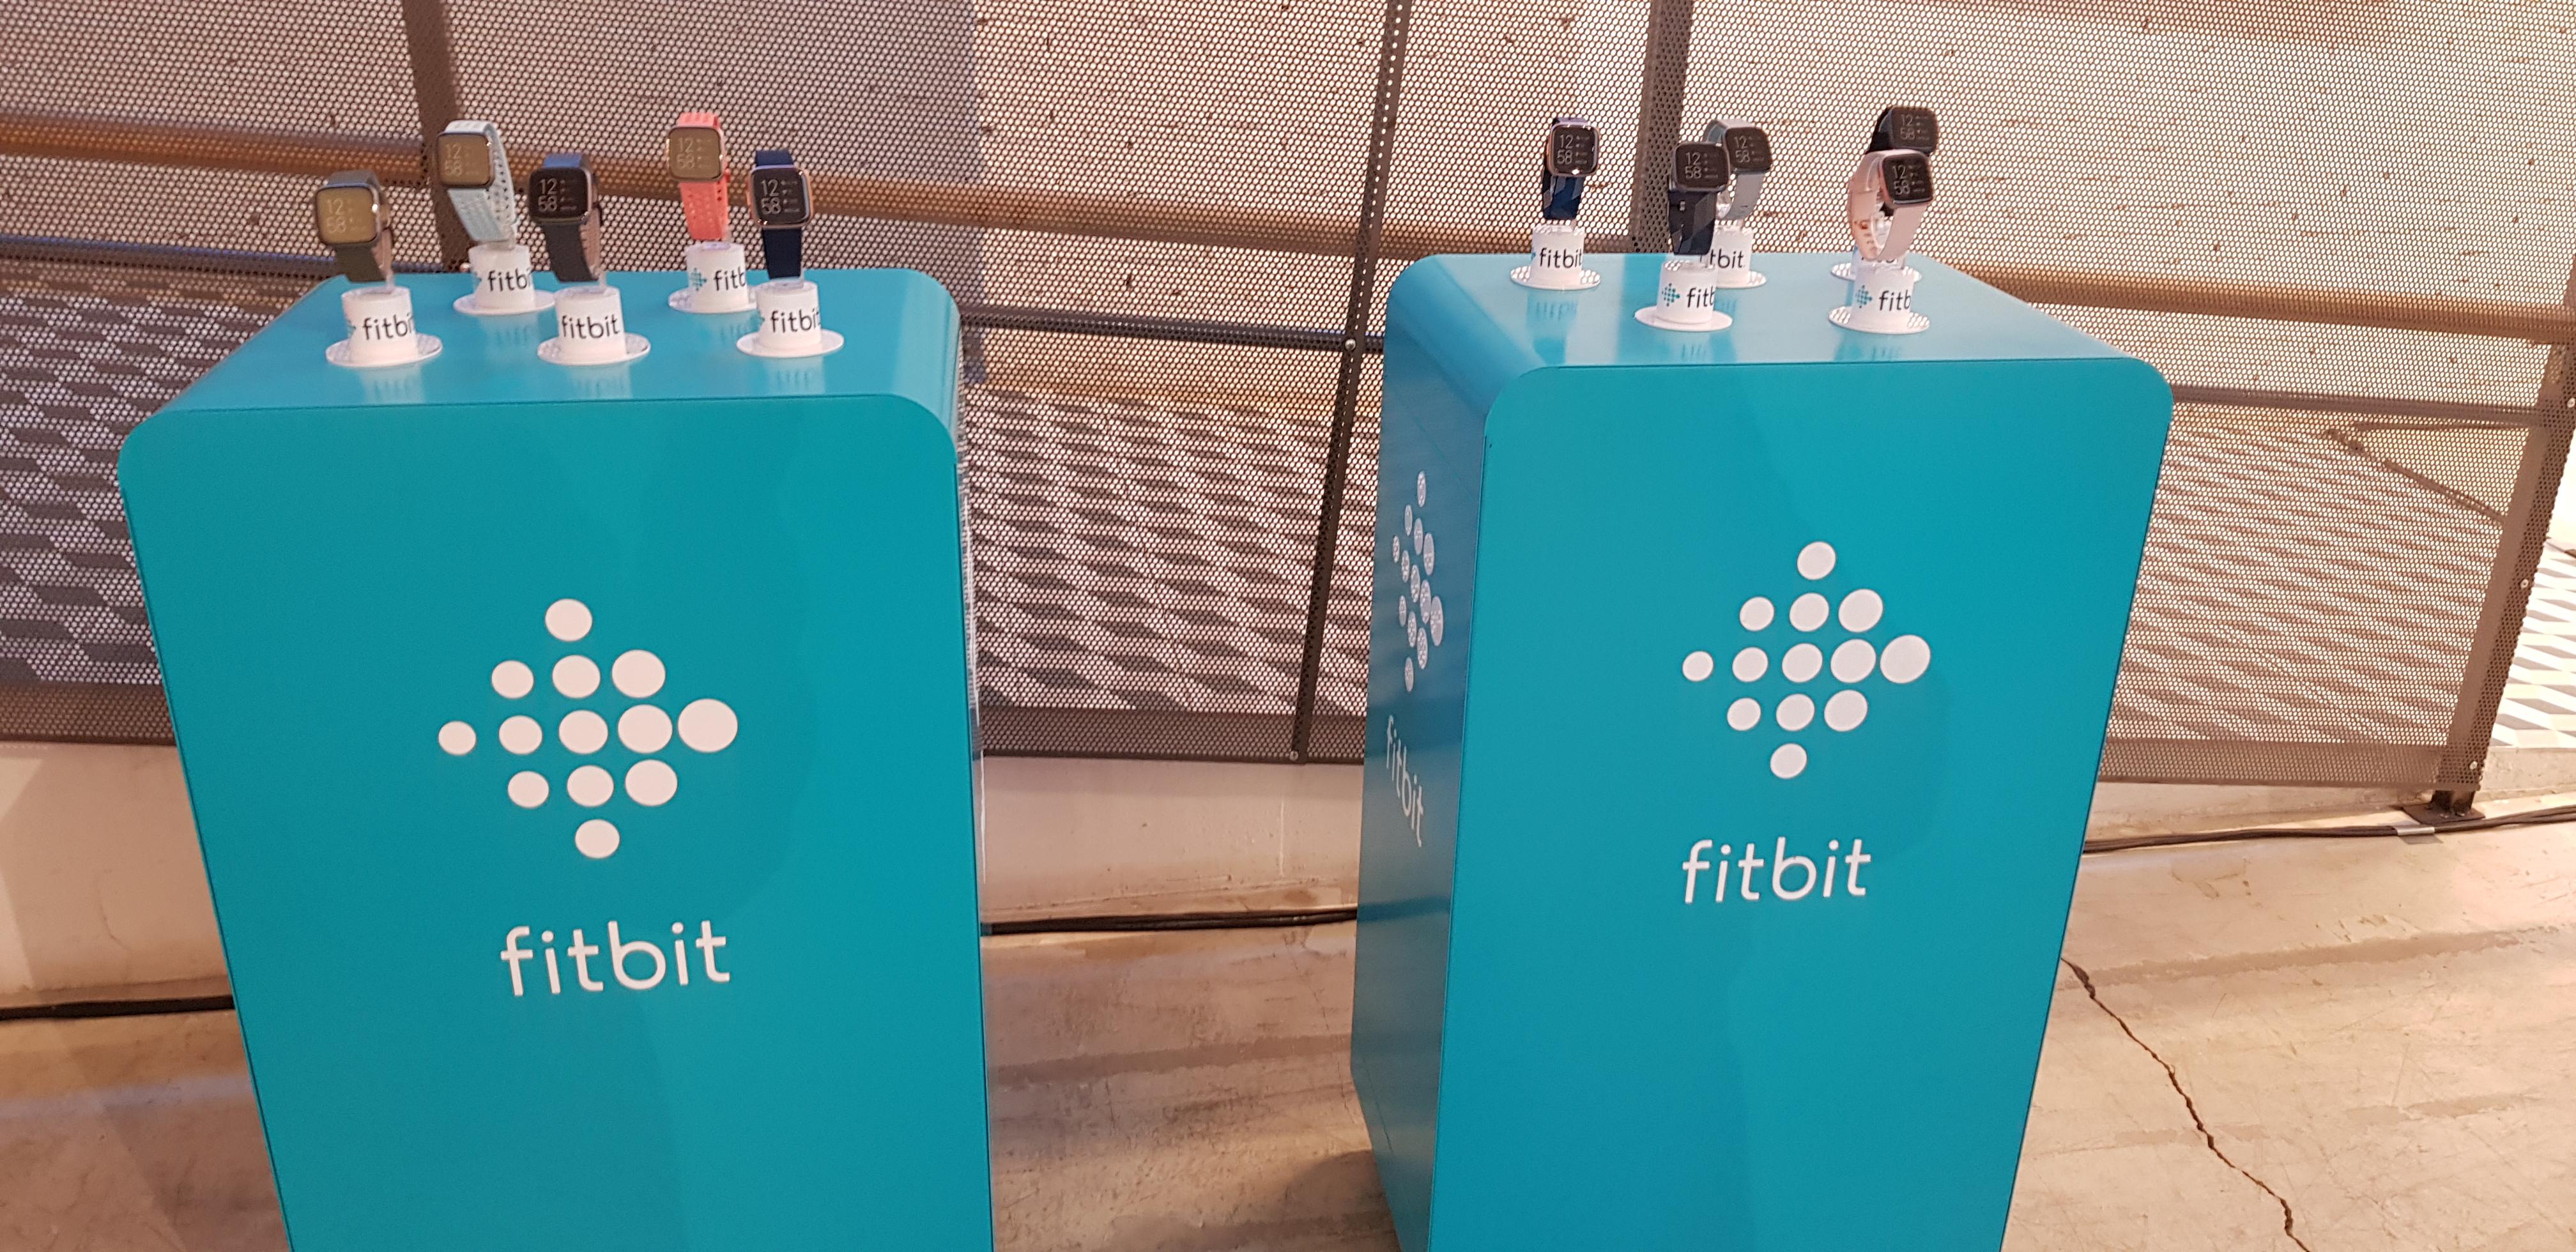 El propietario de Google quiere comprar Fitbit